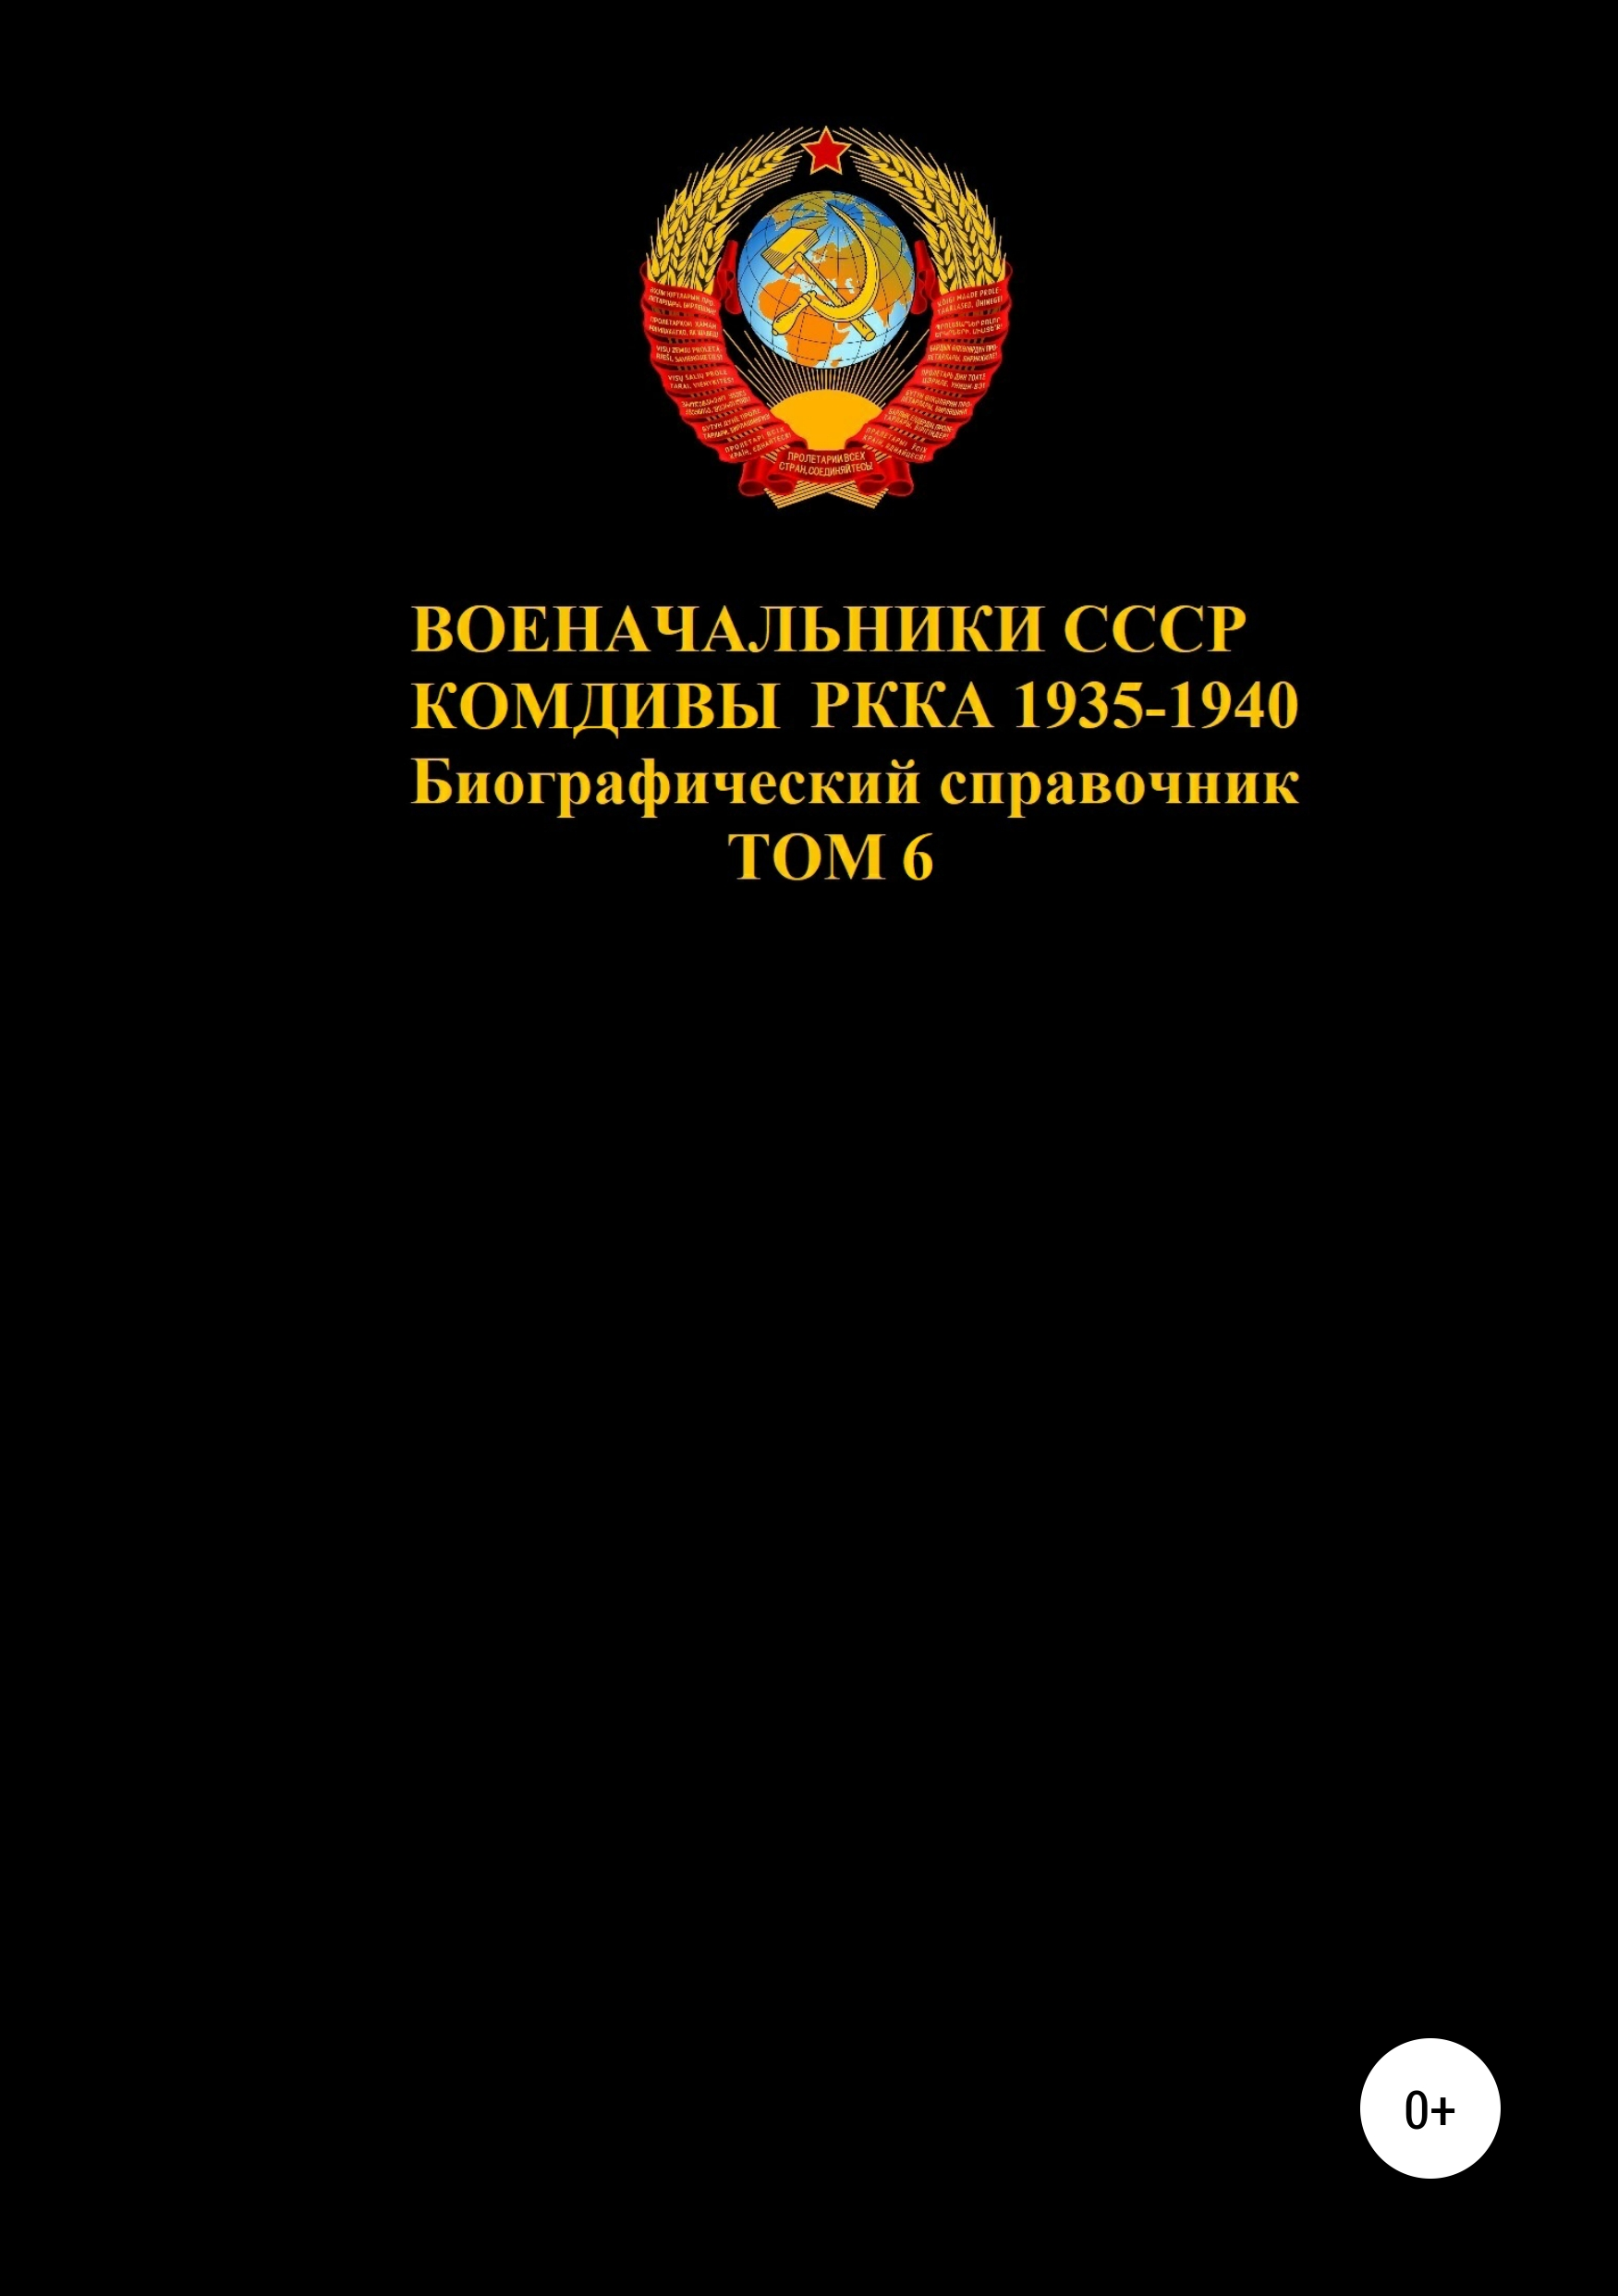 Комдивы РККА 1935-1940 гг. Том 6